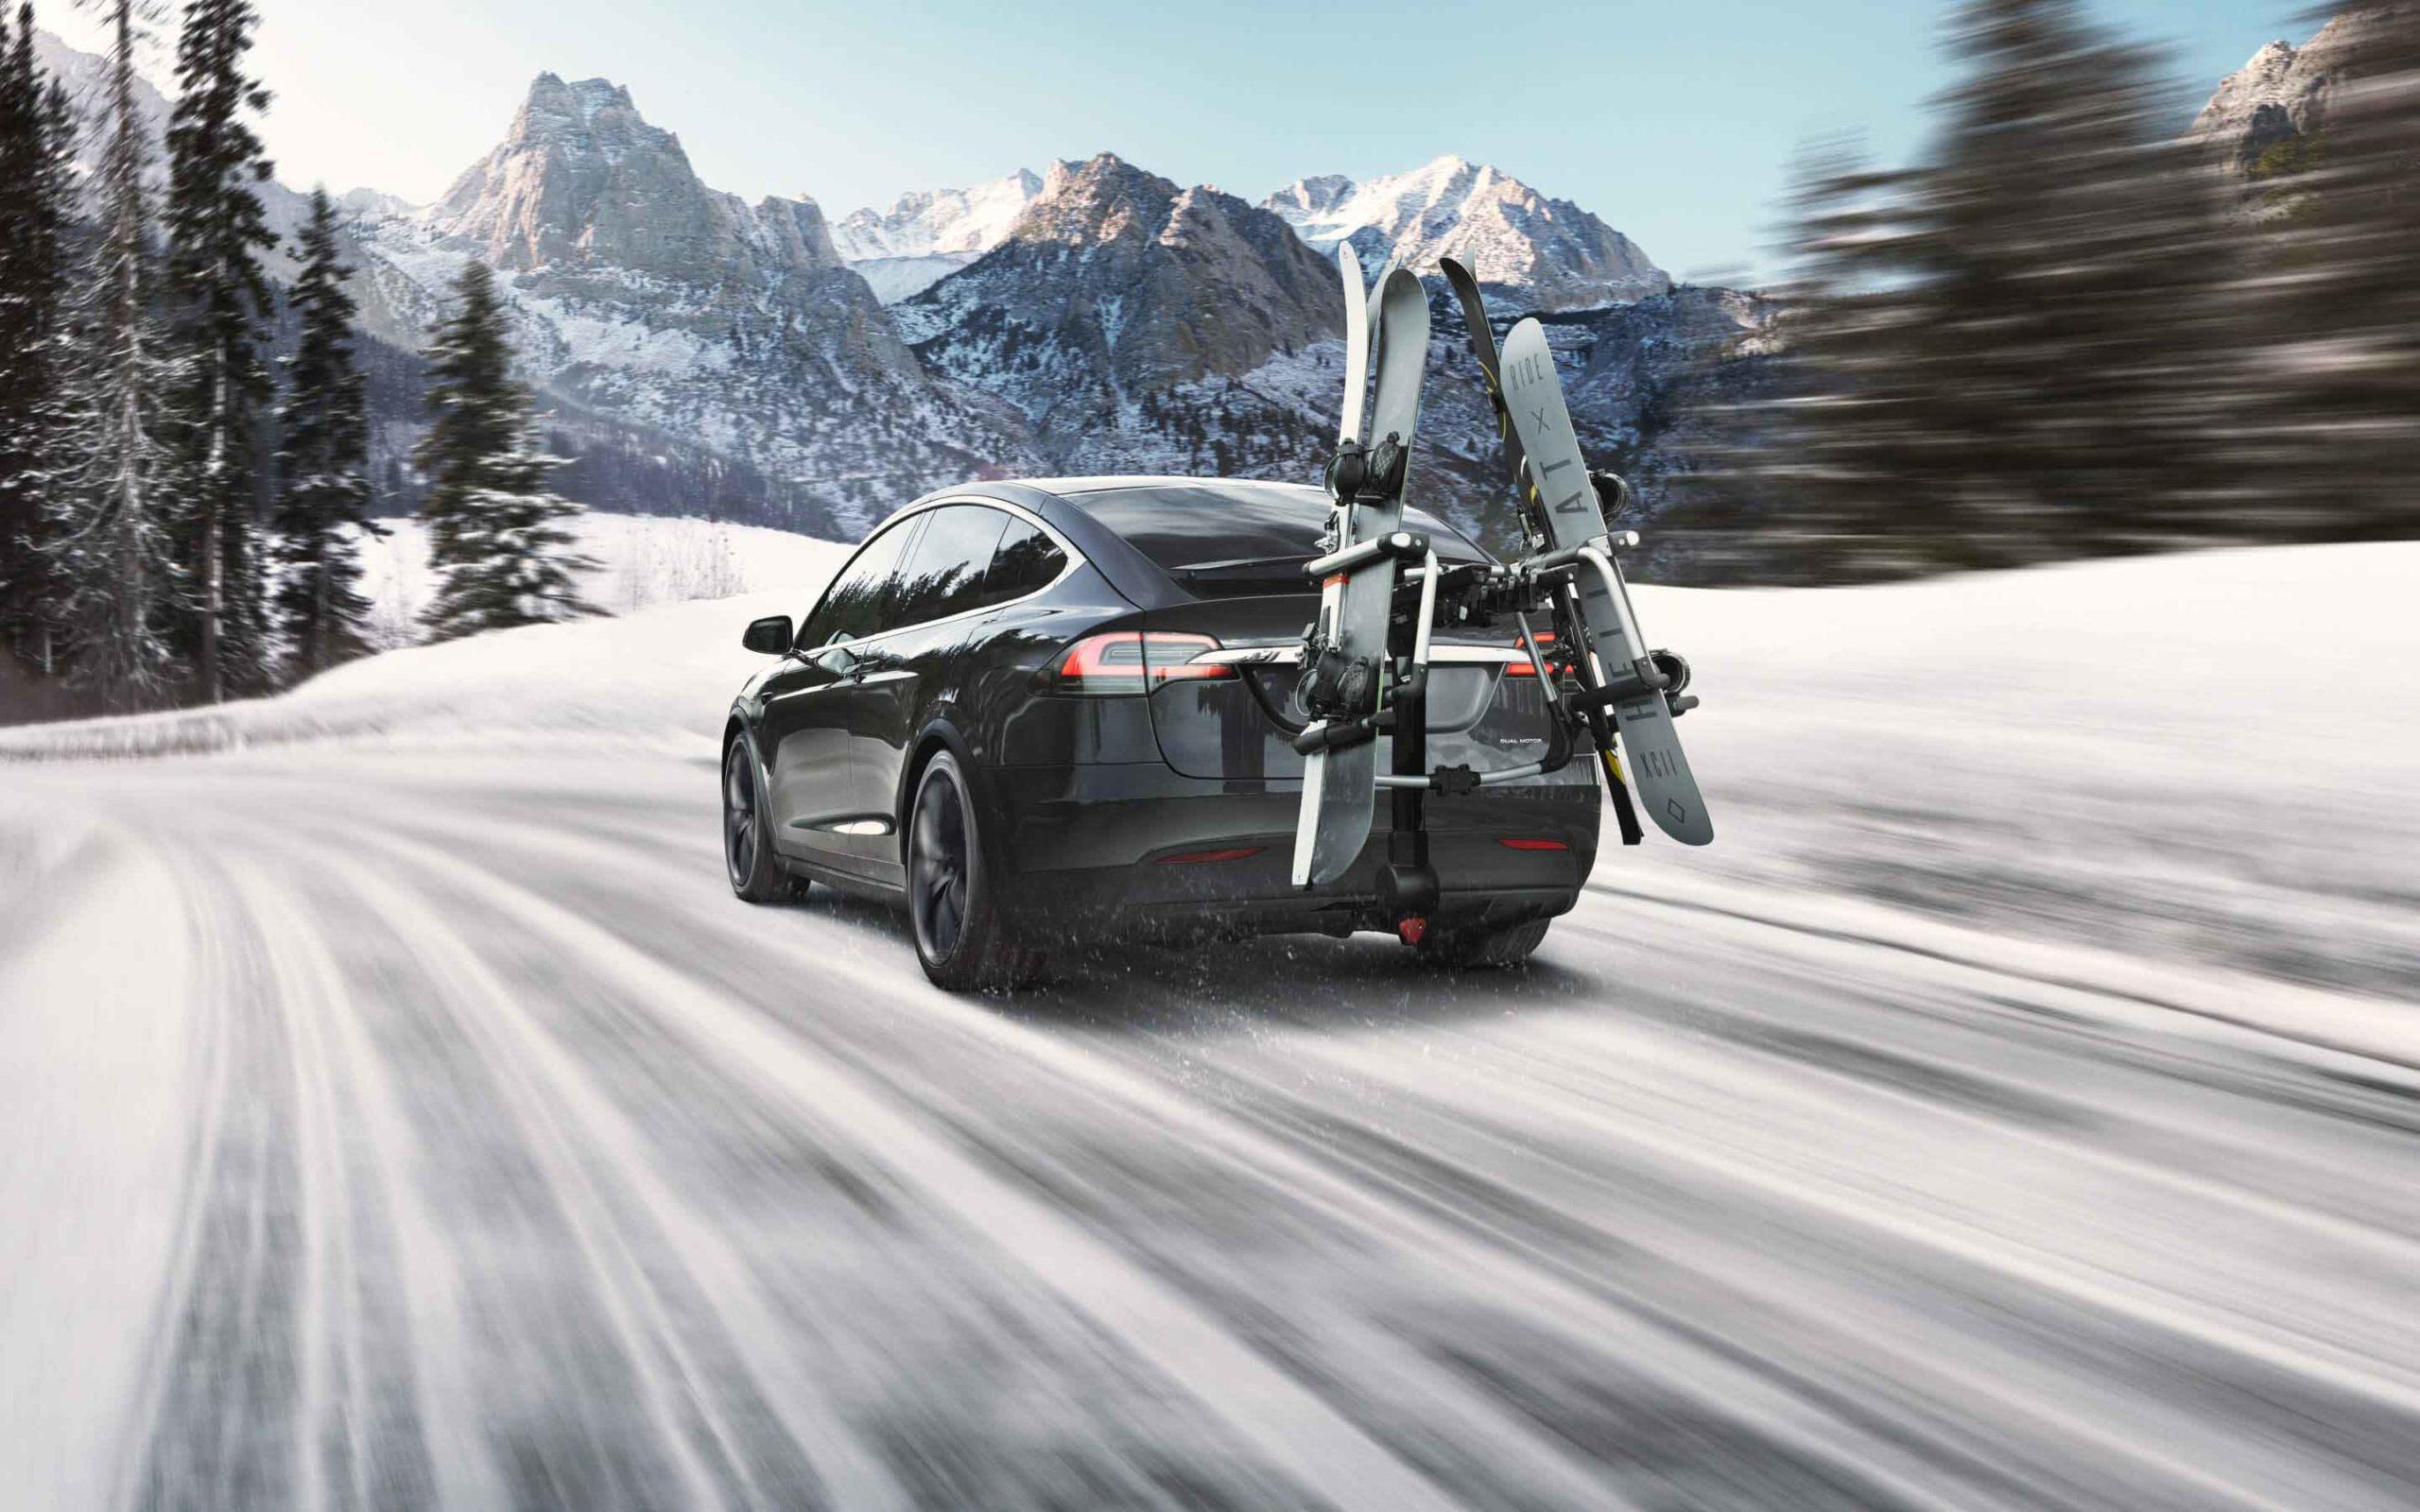 Tesla Model X on snow with ski gear